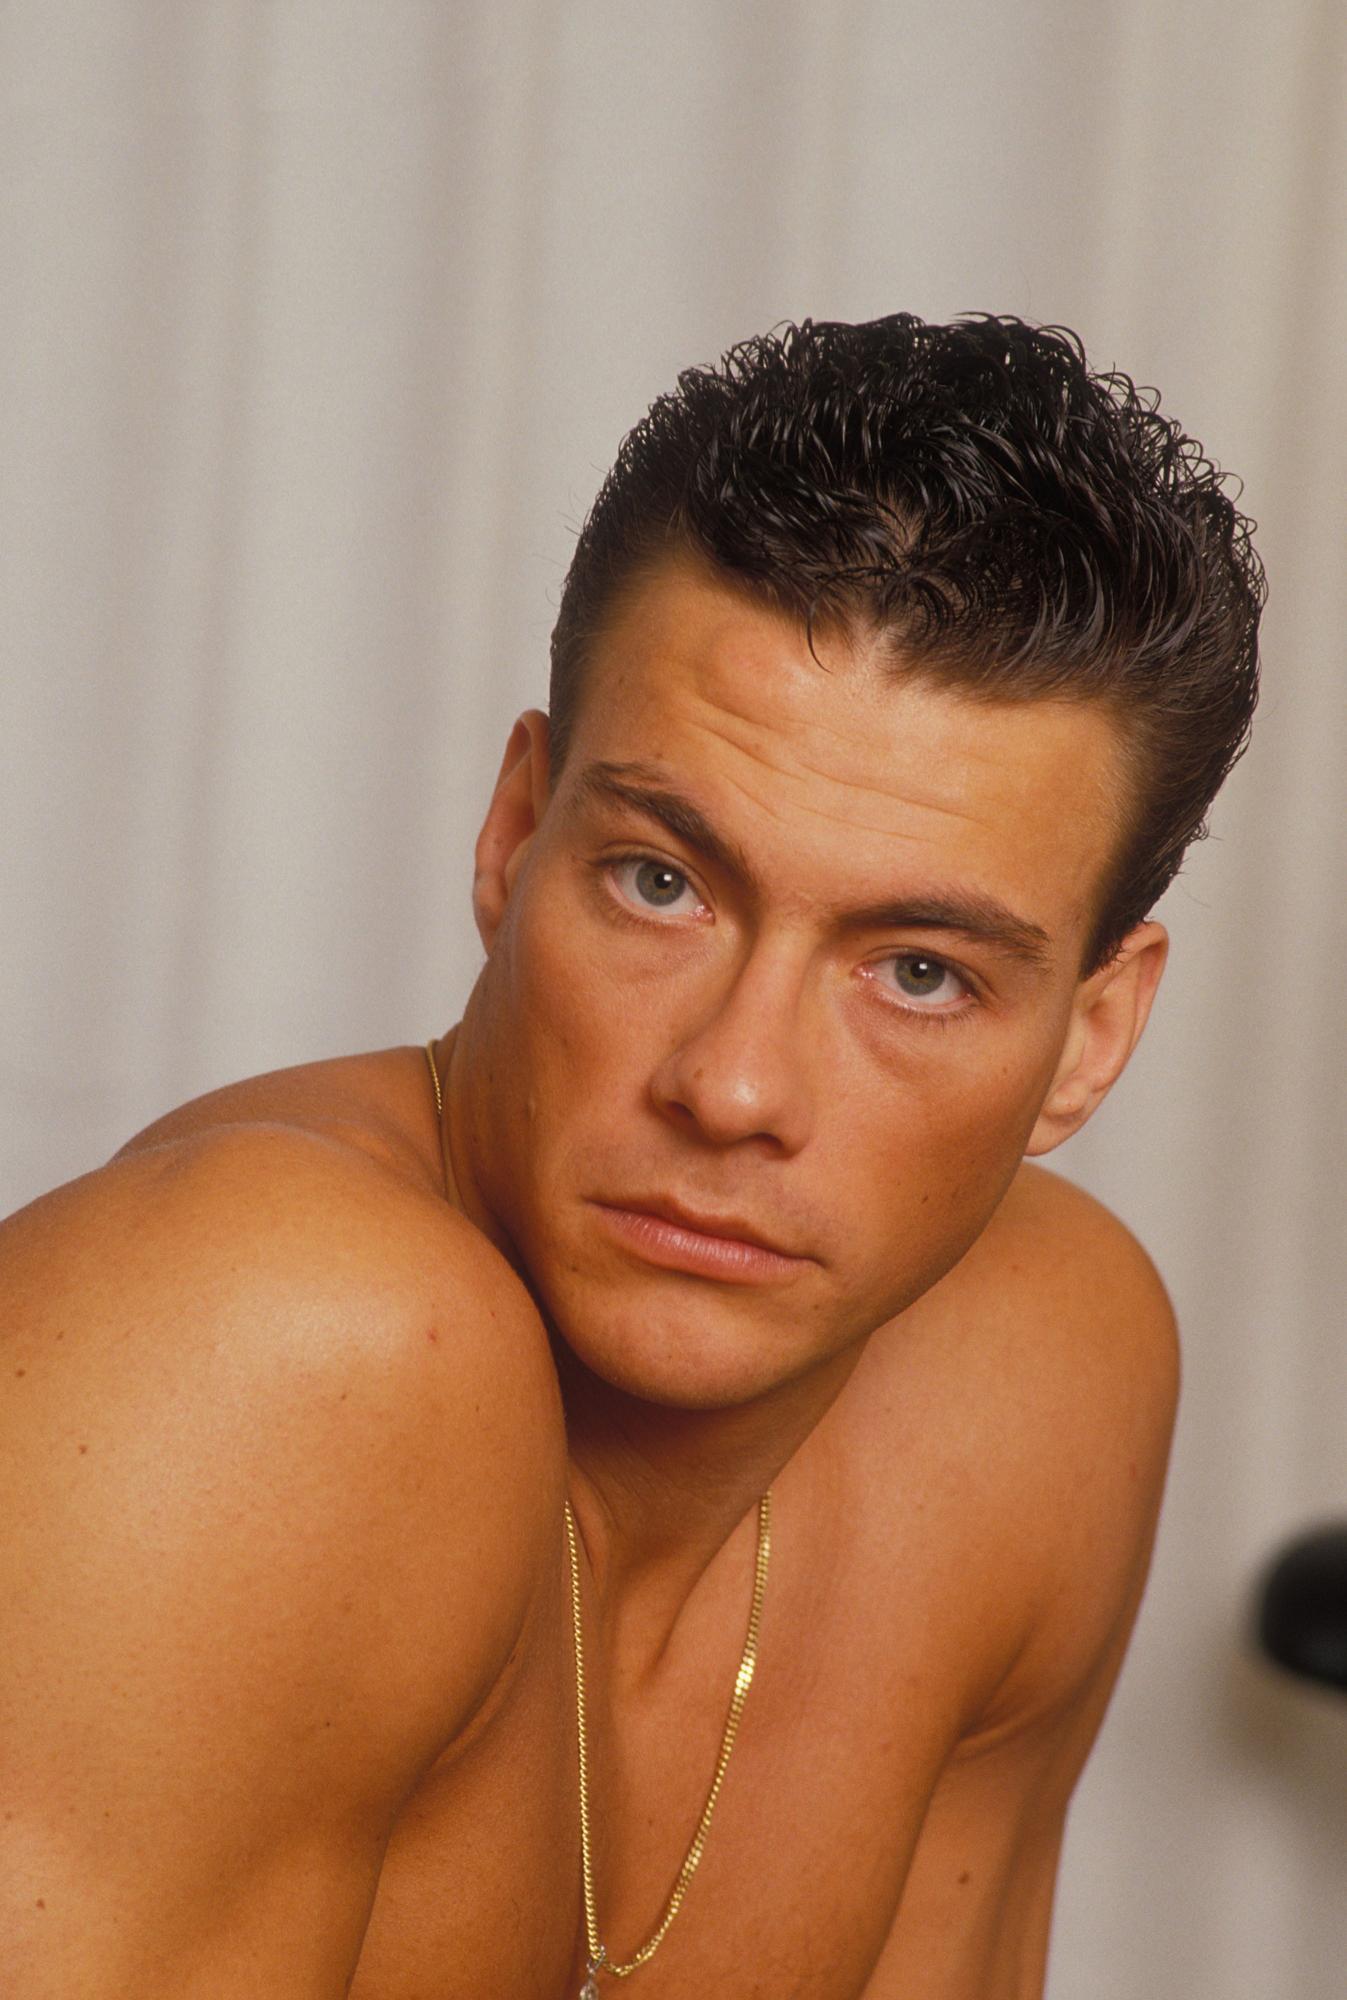 Jean-claude Van Damme Backgrounds, Compatible - PC, Mobile, Gadgets  1347x2000 px